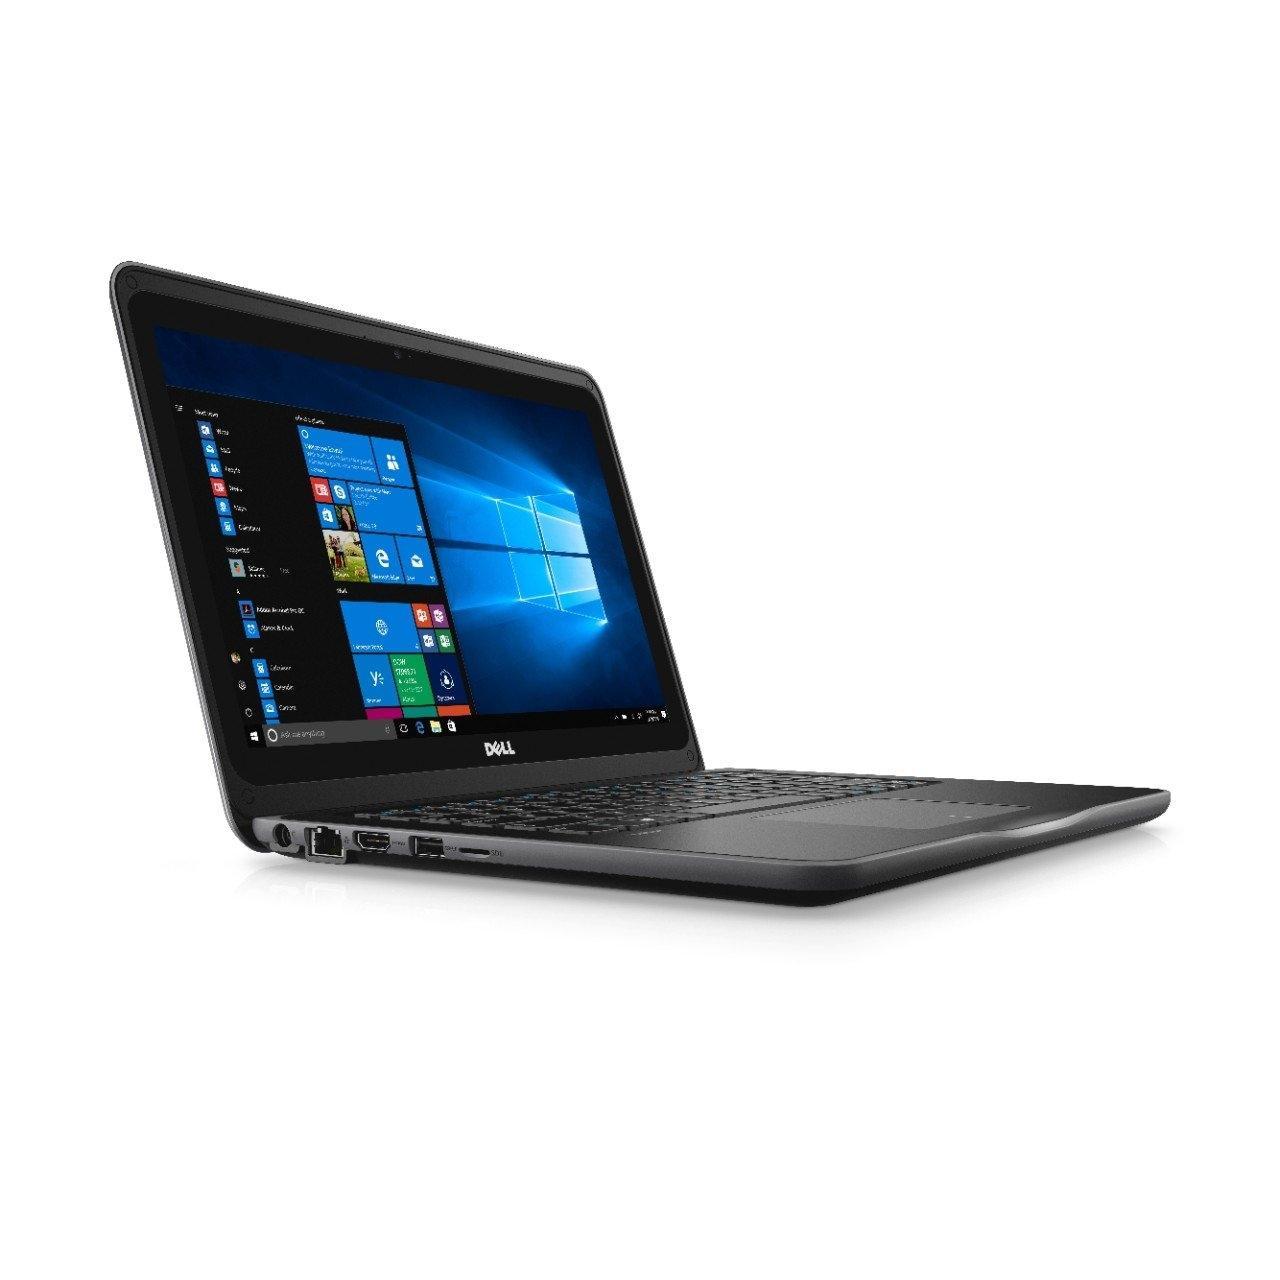 Dell Latitude 3380 13.3-inch (2019) - Core i5-7200U - 8 GB - SSD 128 GB